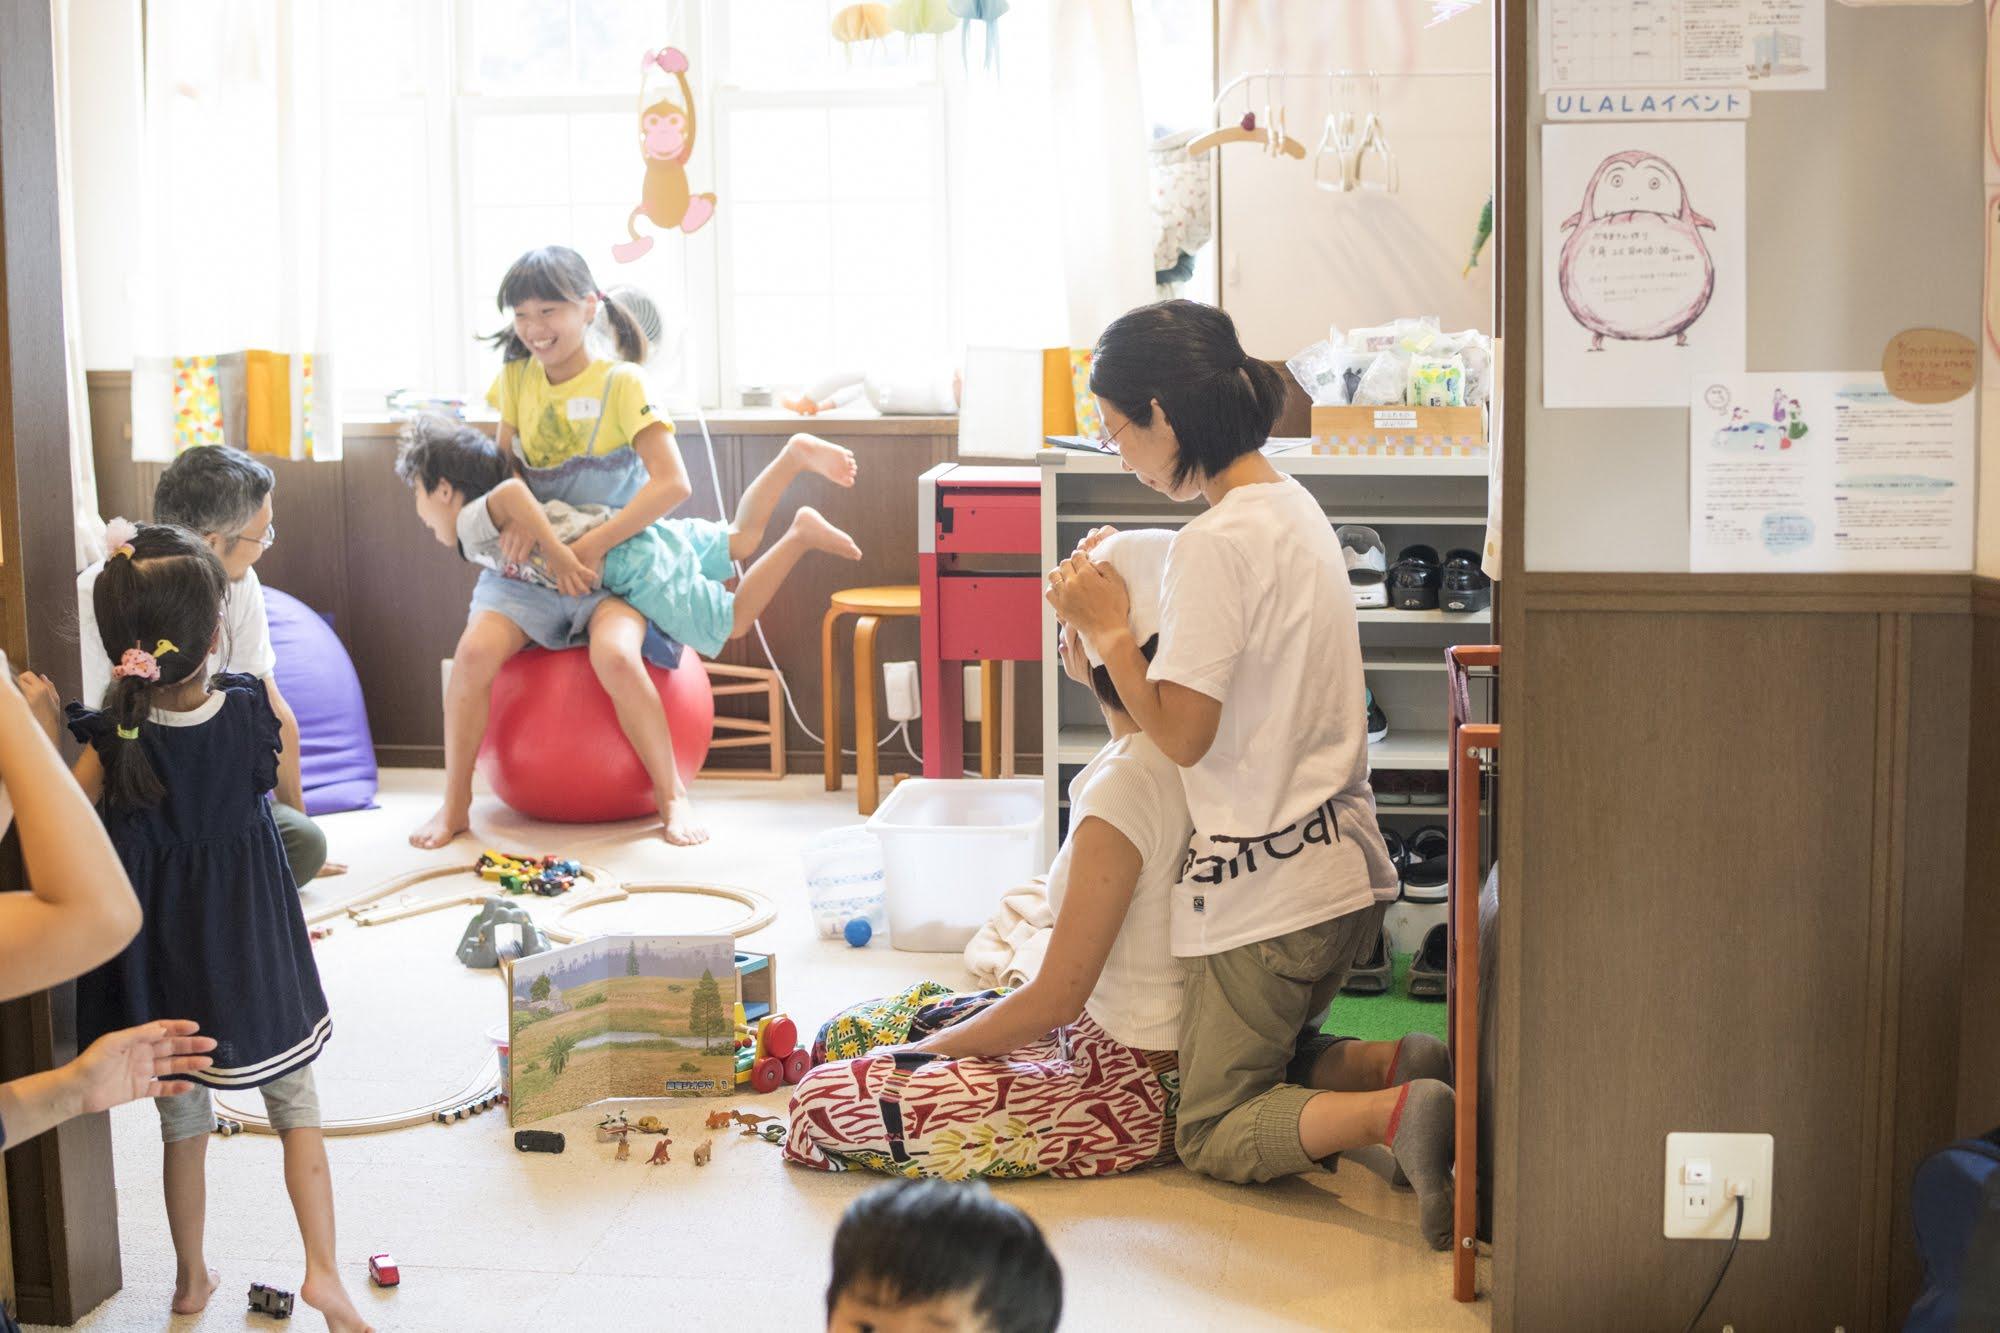 【当日レポート】障がいをもった親子が集まるおやすみの日、みんなで食べるランチ会